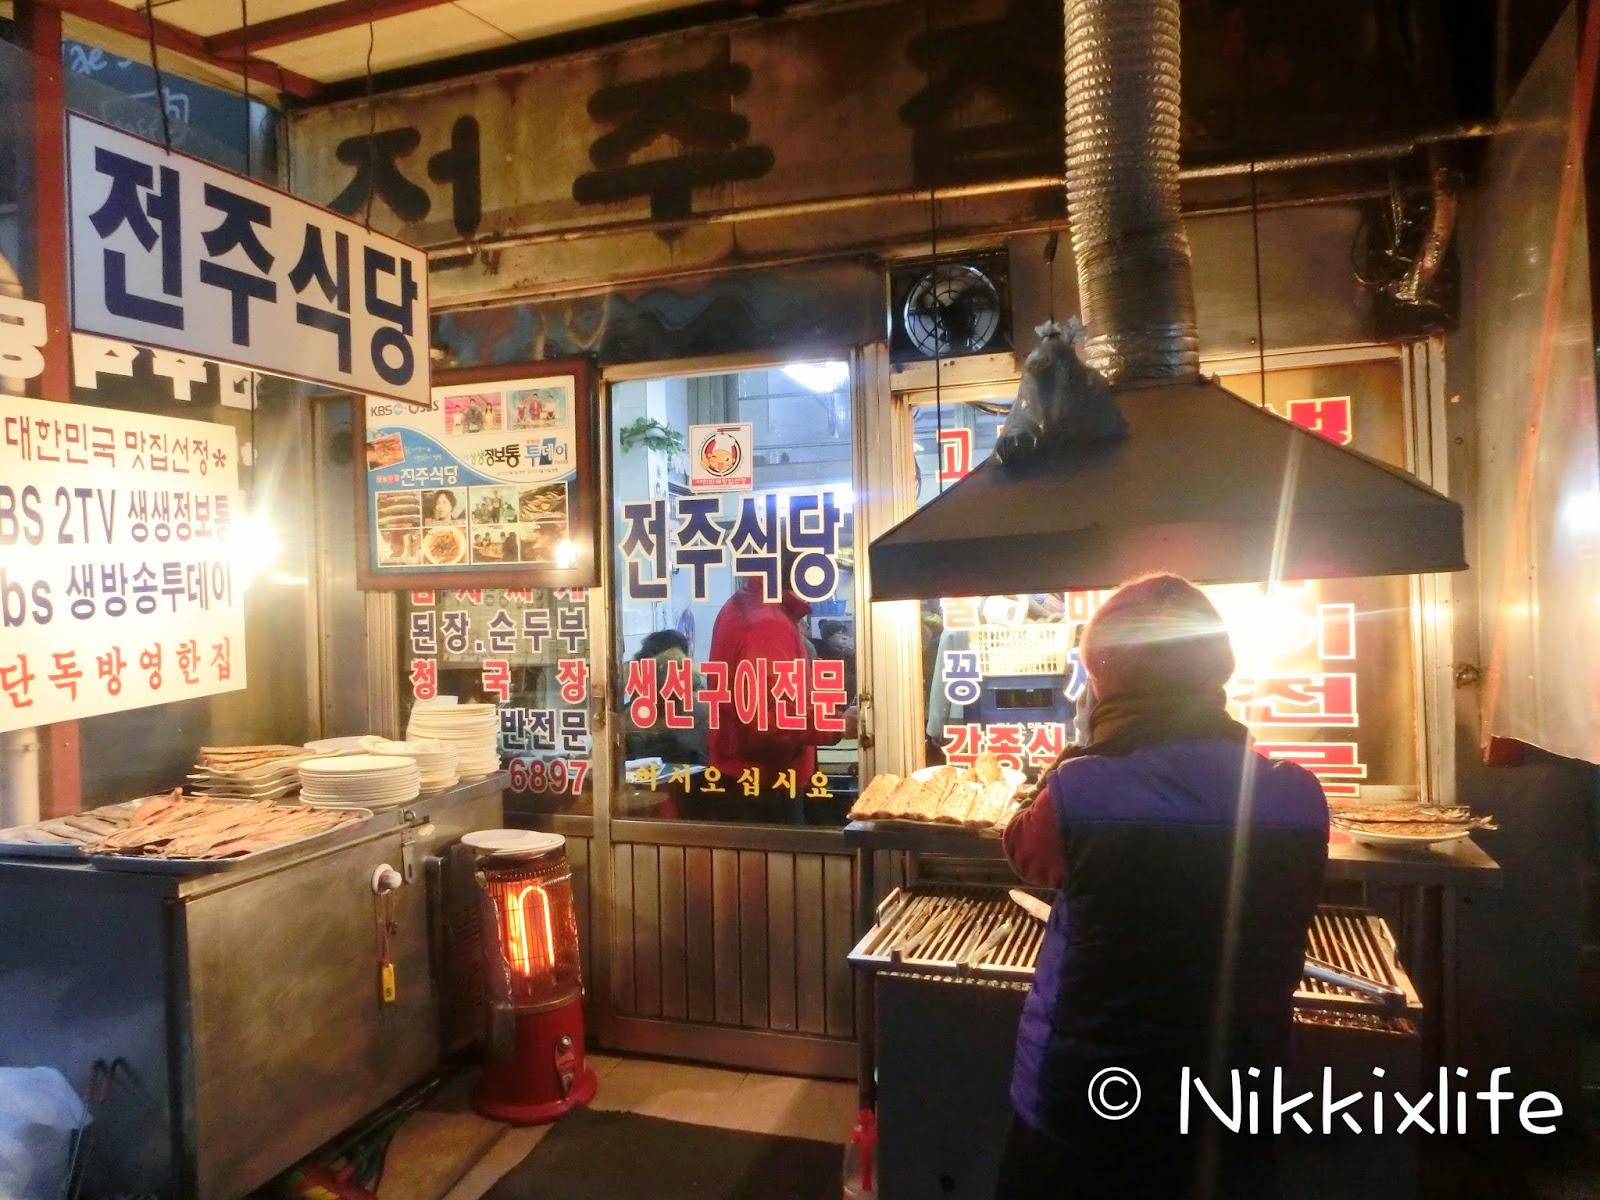 【首爾食記2015】東大門烤魚店全州食堂:即使以後很平凡這一節亦美好! 2